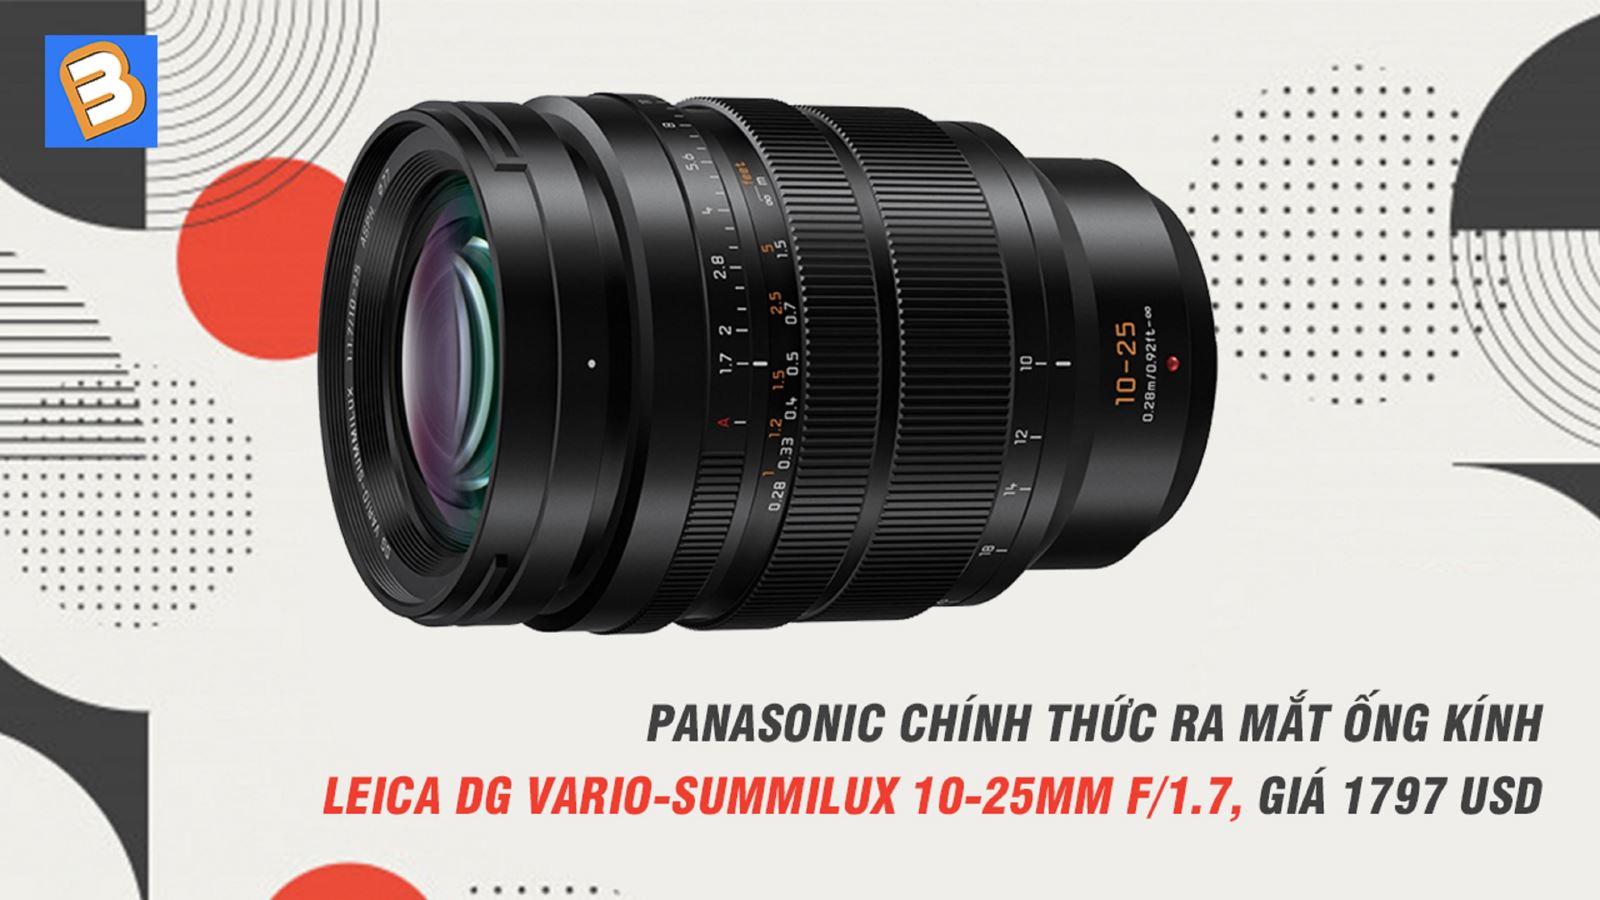 Panasonic chính thức ra mắt ống kínhLeica DG Vario-Summilux 10-25mm f/1.7, giá 1797USD